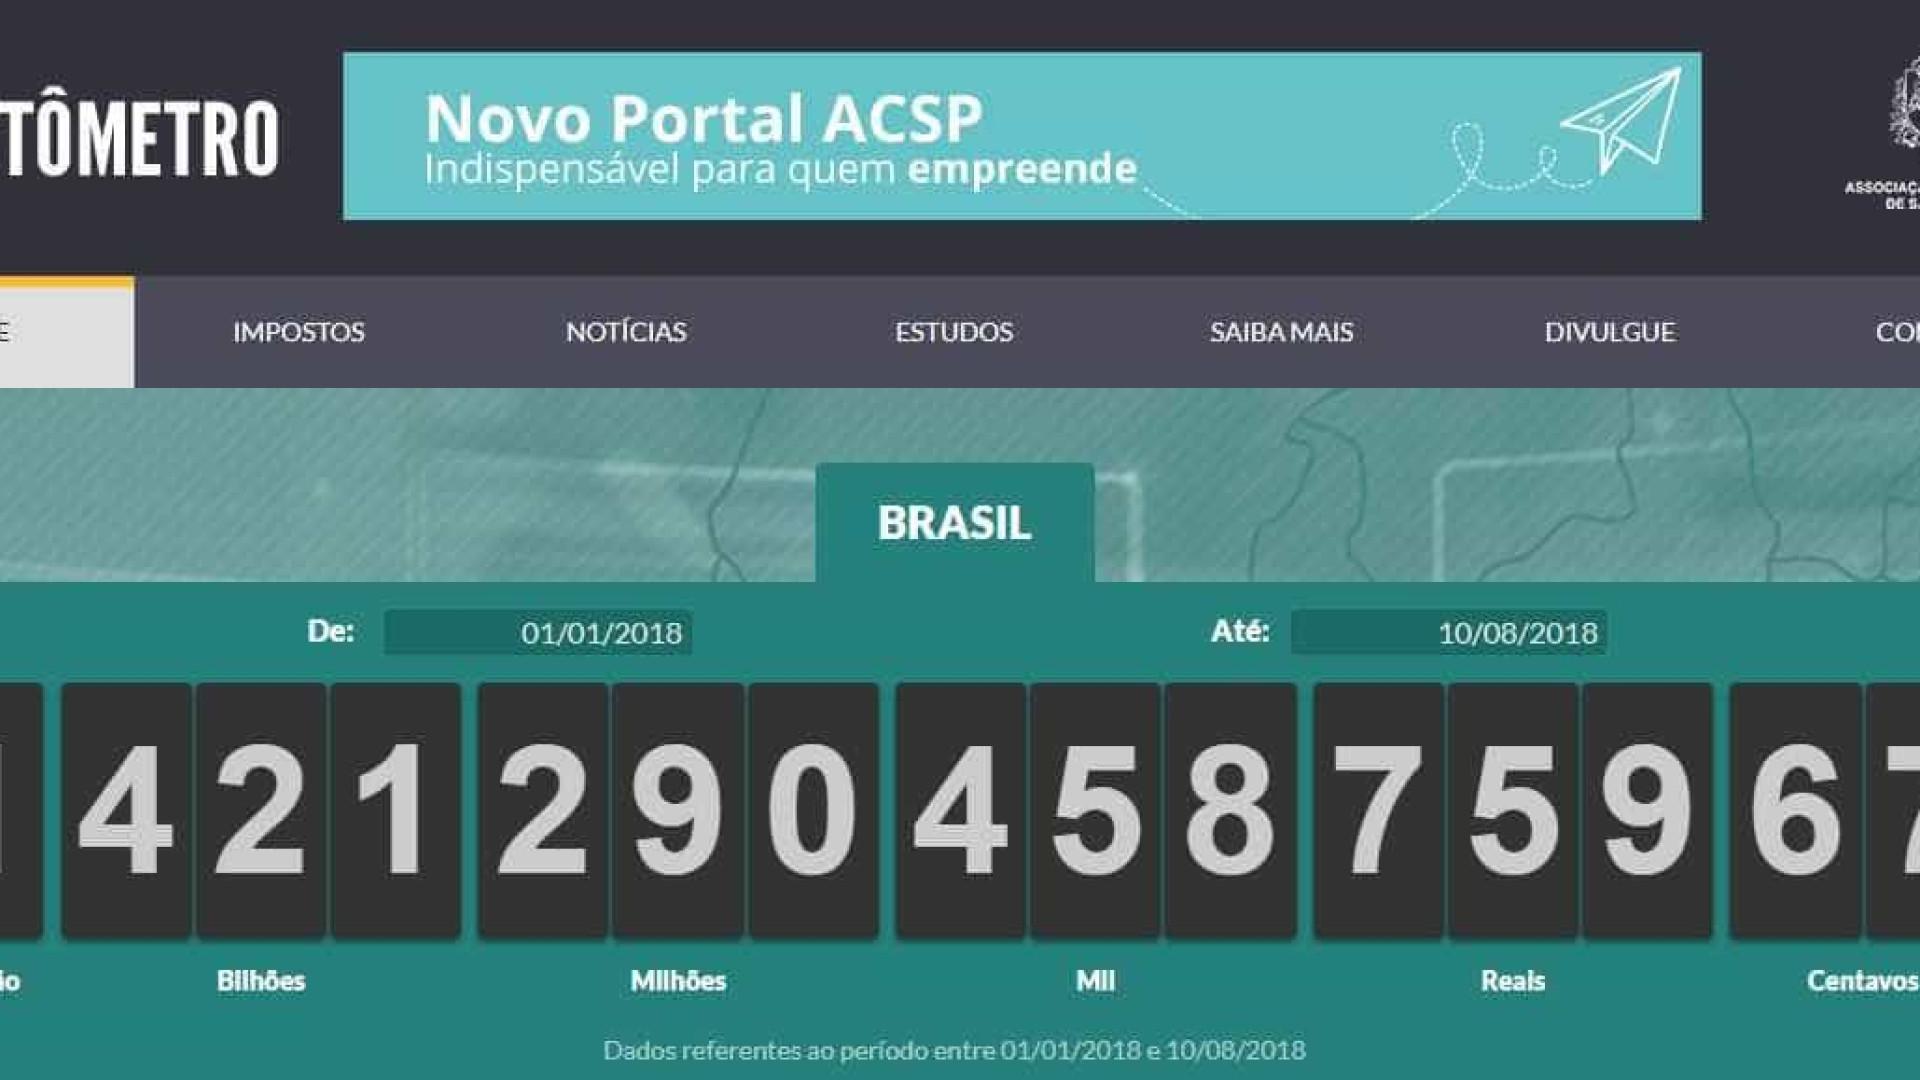 80% dos empresários reprovam o atual sistema tributário brasileiro